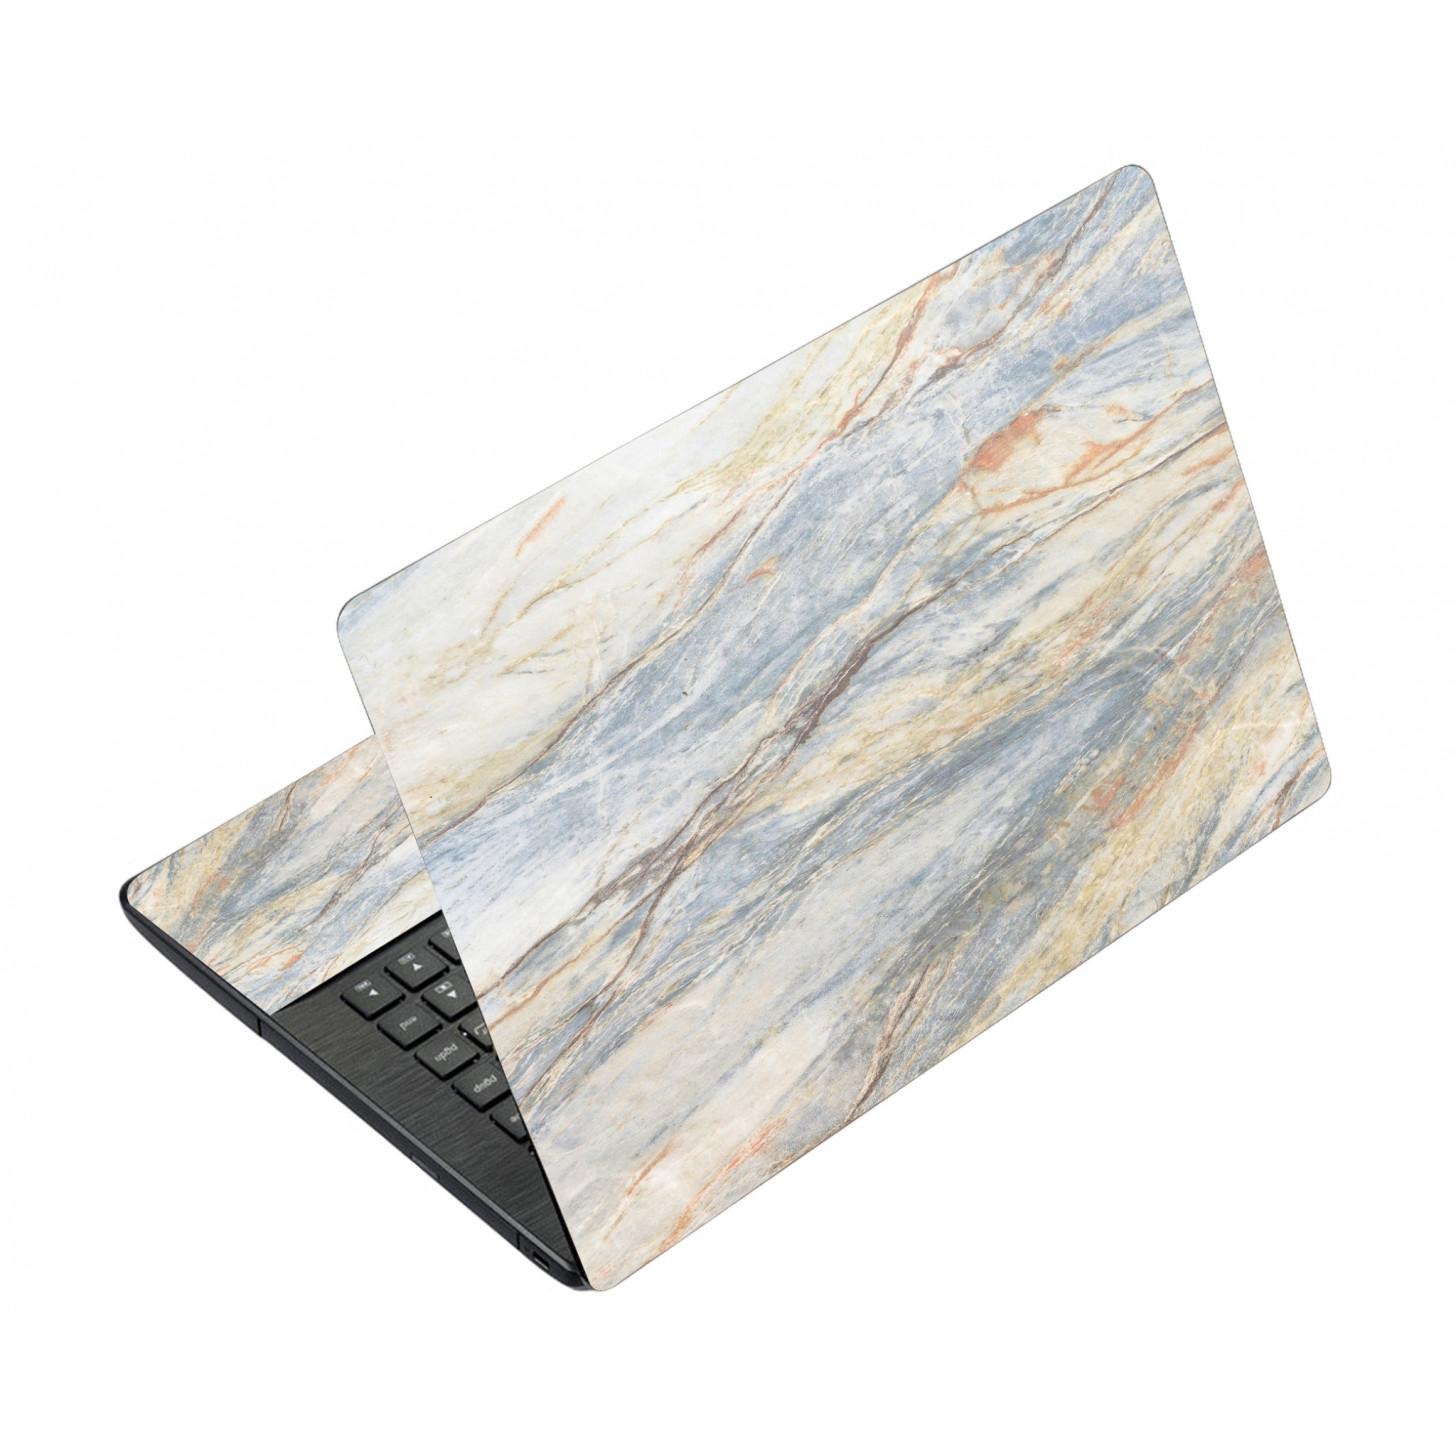 Miếng Dán Decal Dành Cho Laptop - Vân Đá LTVD - 010 cỡ 13 inch